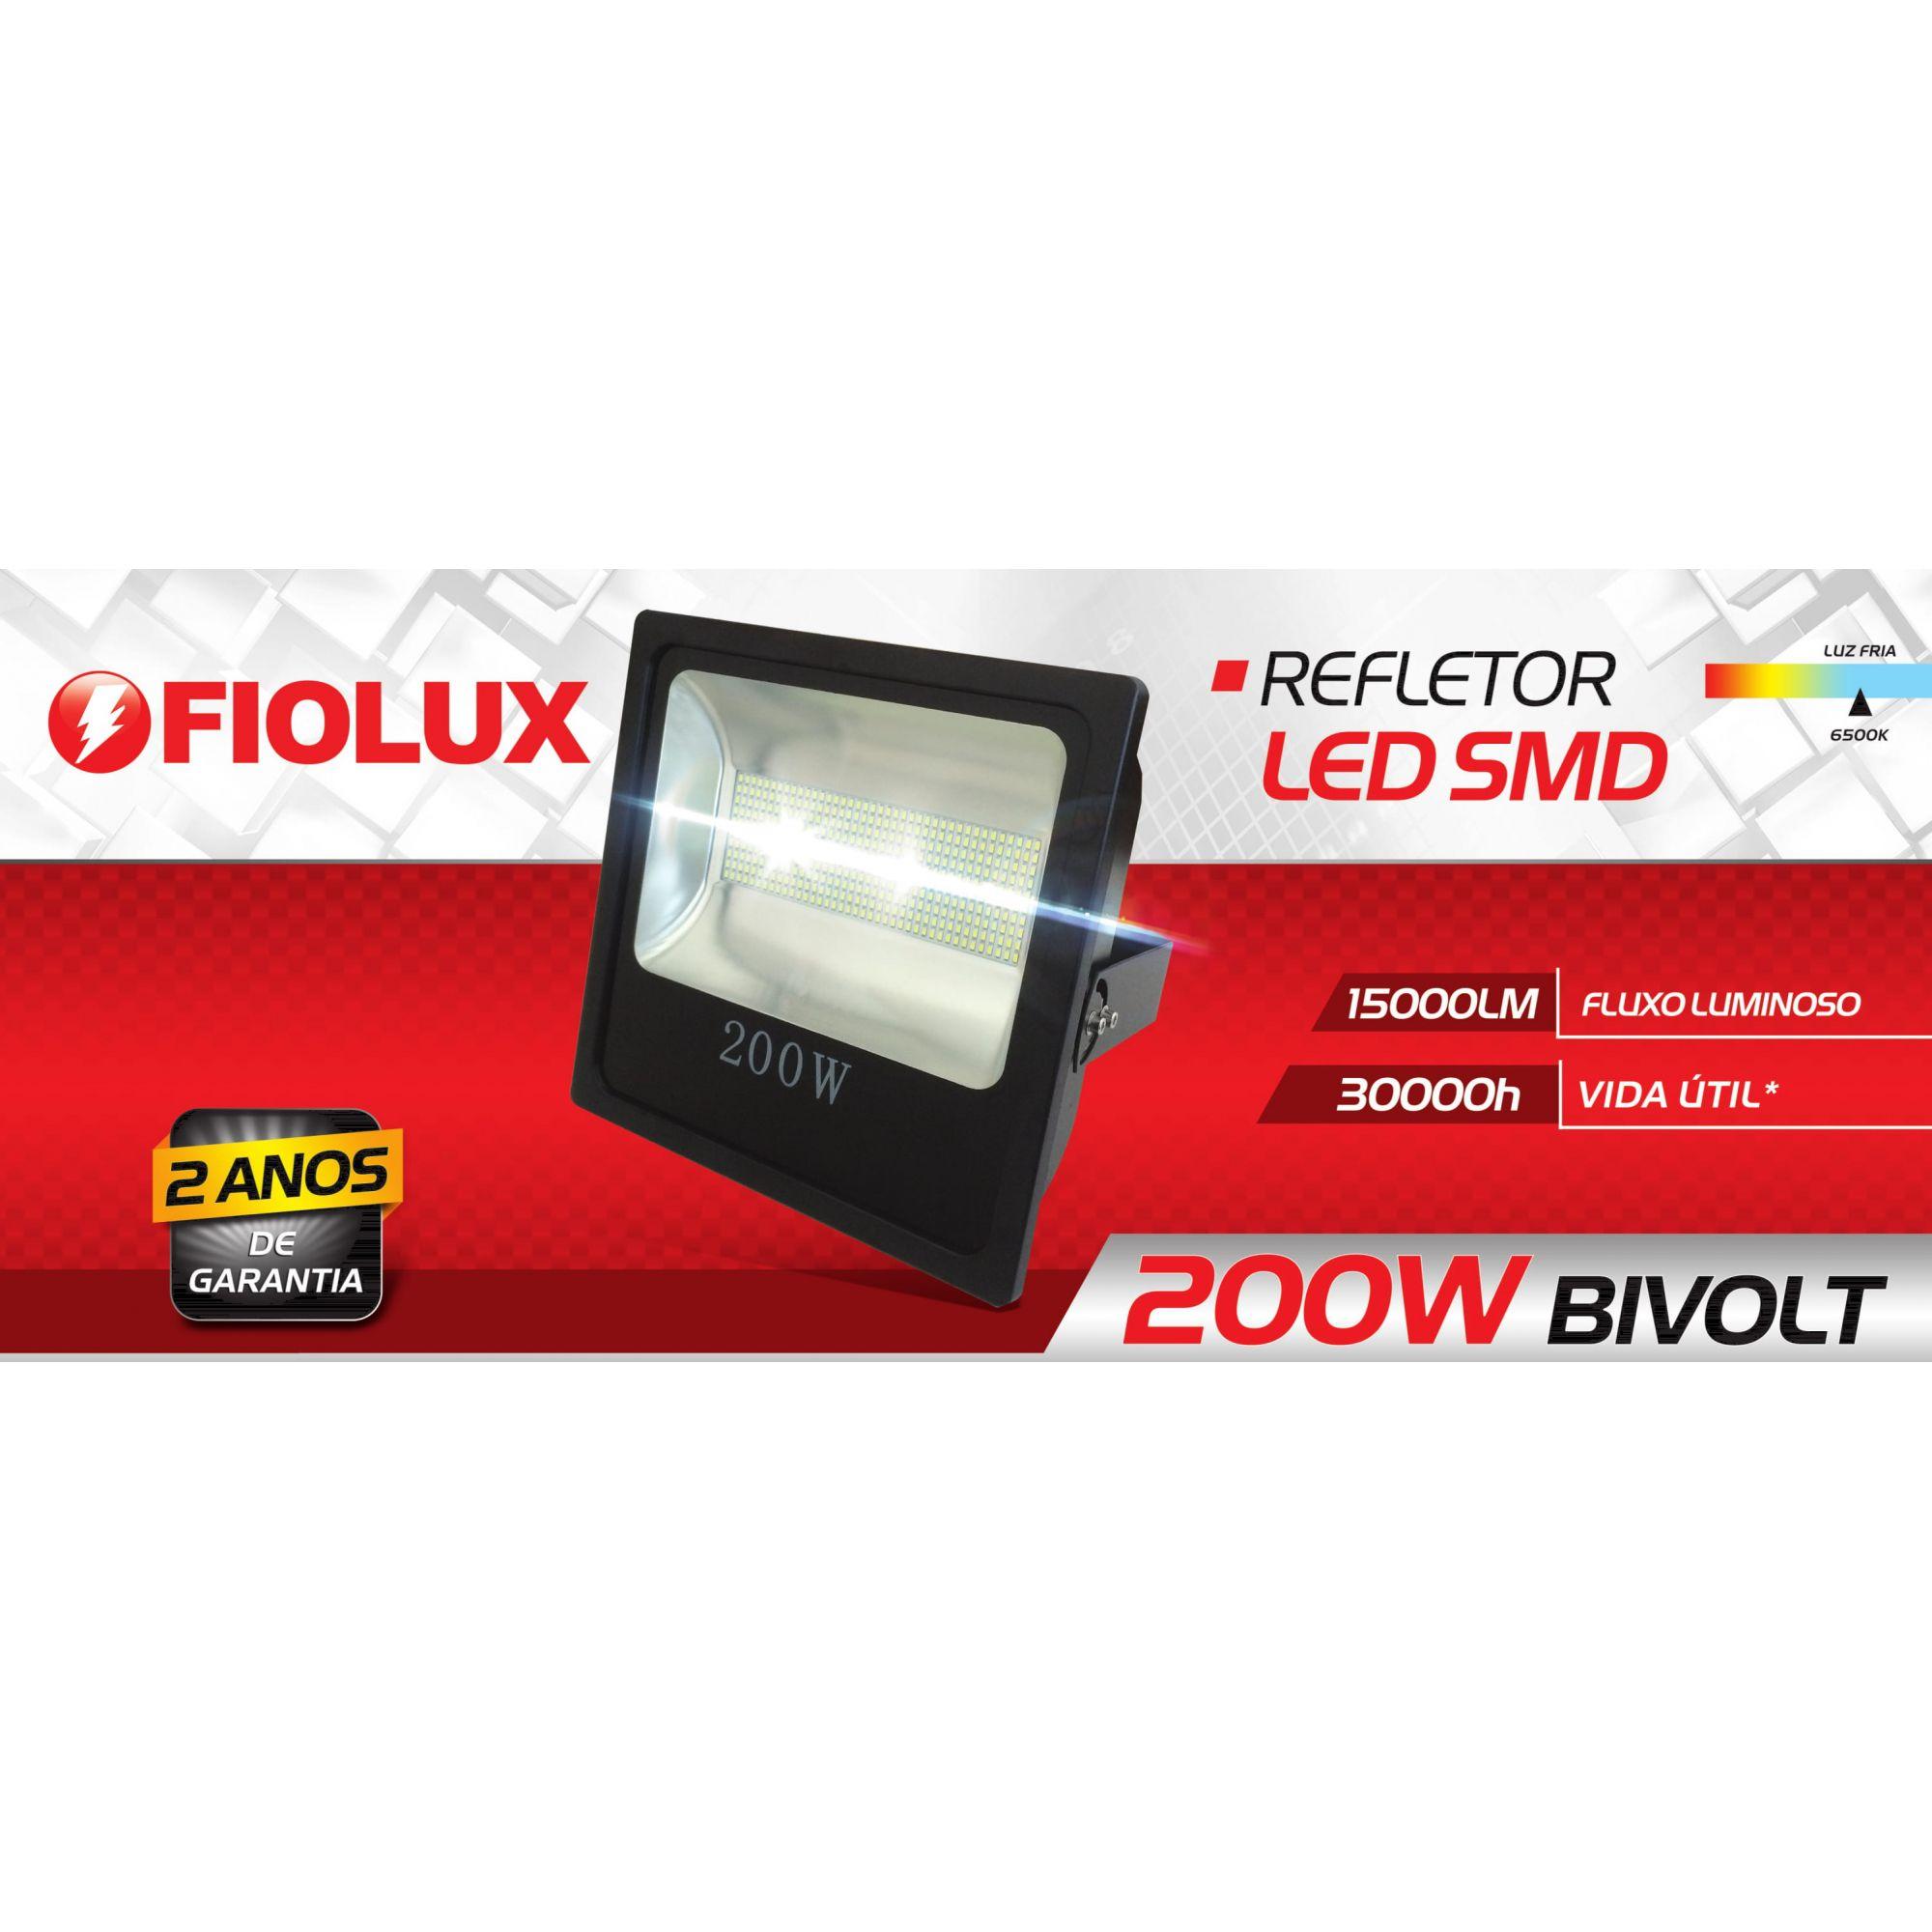 Refletor Led Smd 200 W FIOLUX Holofote Bivolt 110/220 a Prova d'água IP65